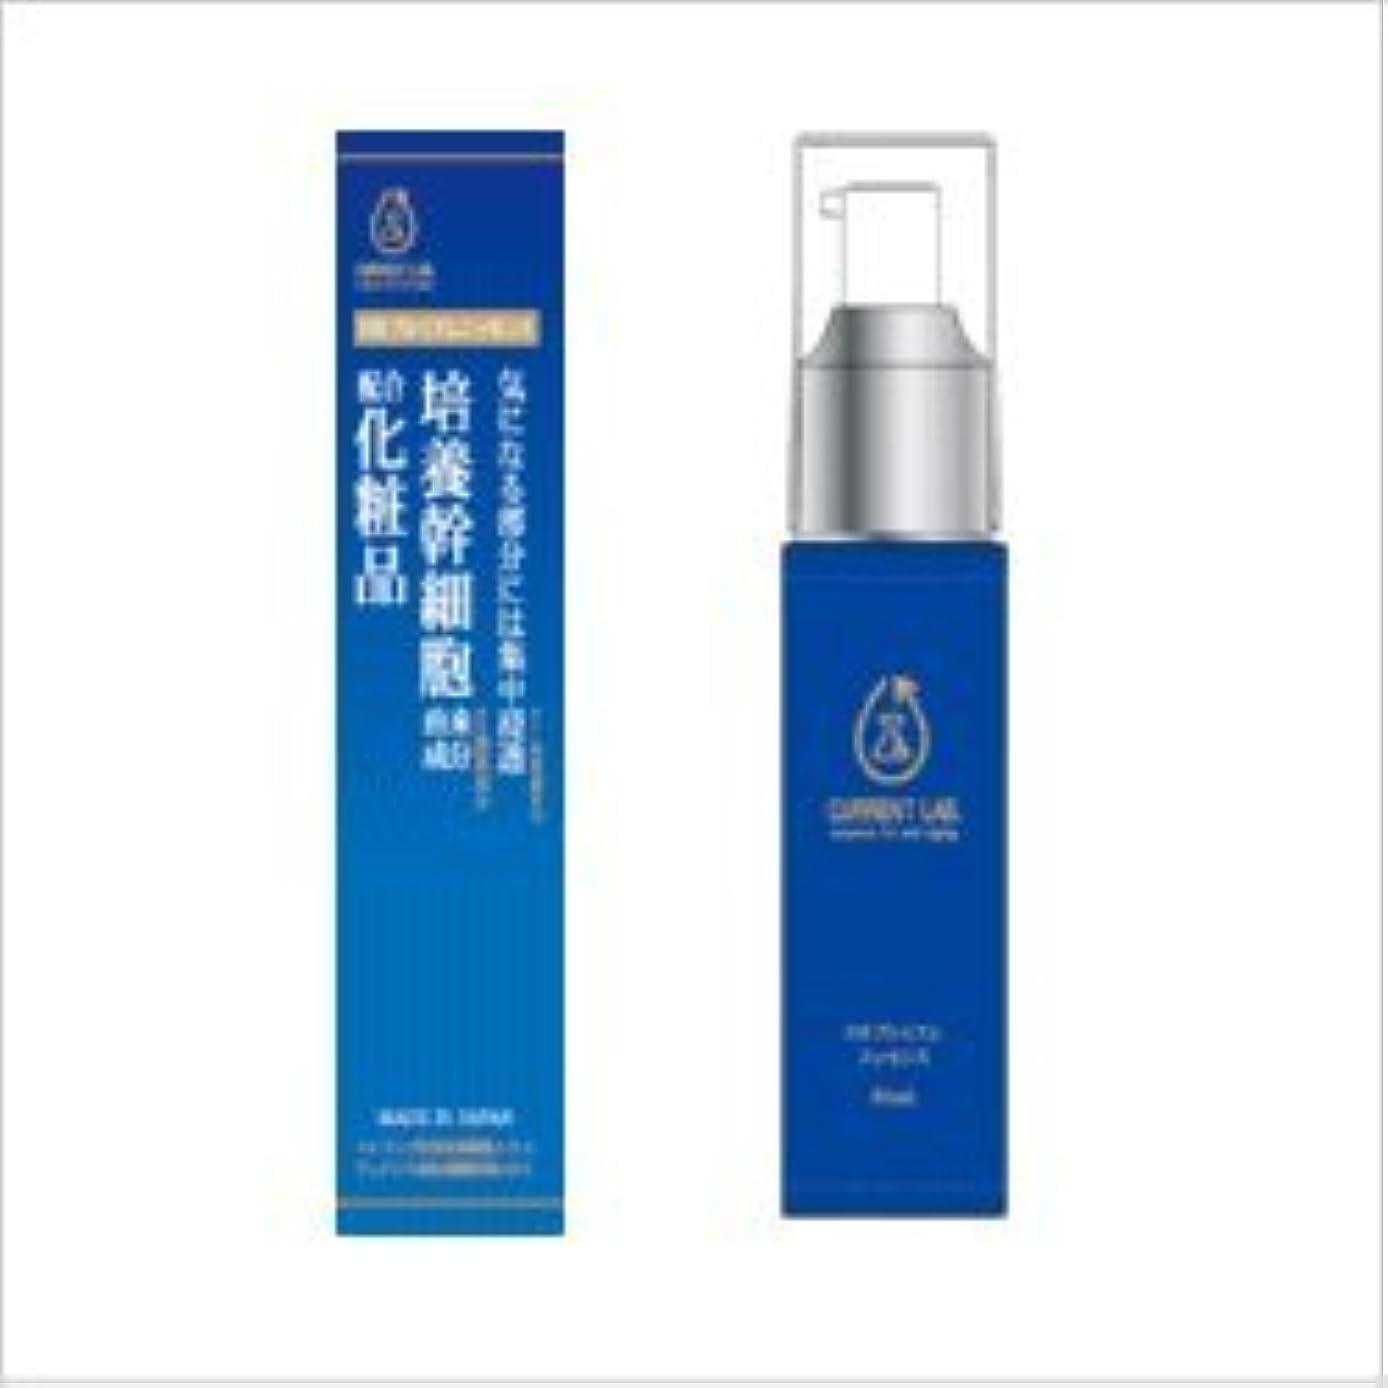 青ブランド白菜カレントラボ DR プレミアムエッセンス 30ml 幹細胞コスメ 美容液 グロスファクター